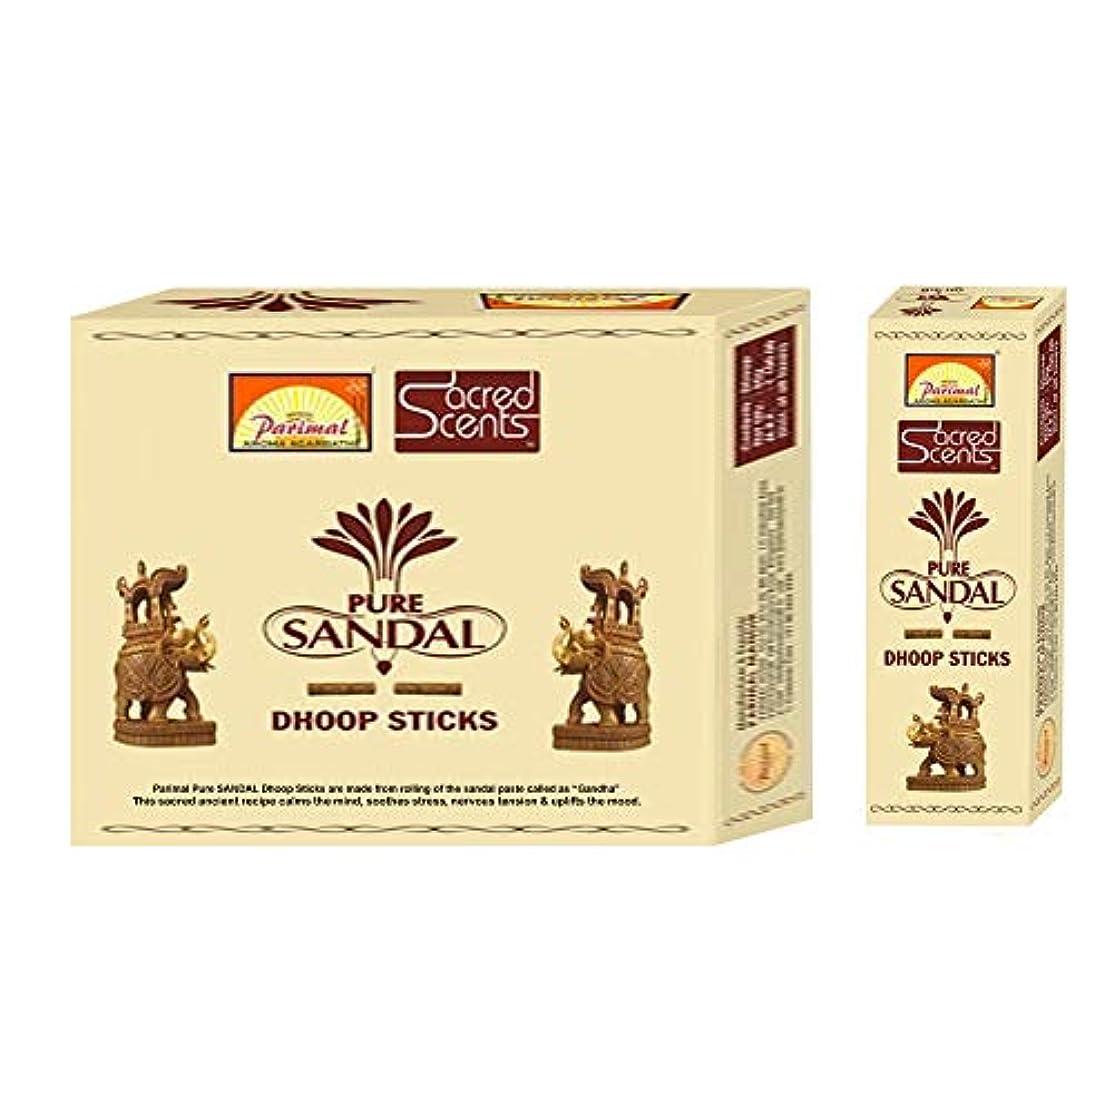 刺繍専門用語ドルParimal Sacred Scents 天然ピュアサンダル フープスティック | 1箱50グラム6パック | 輸出品質